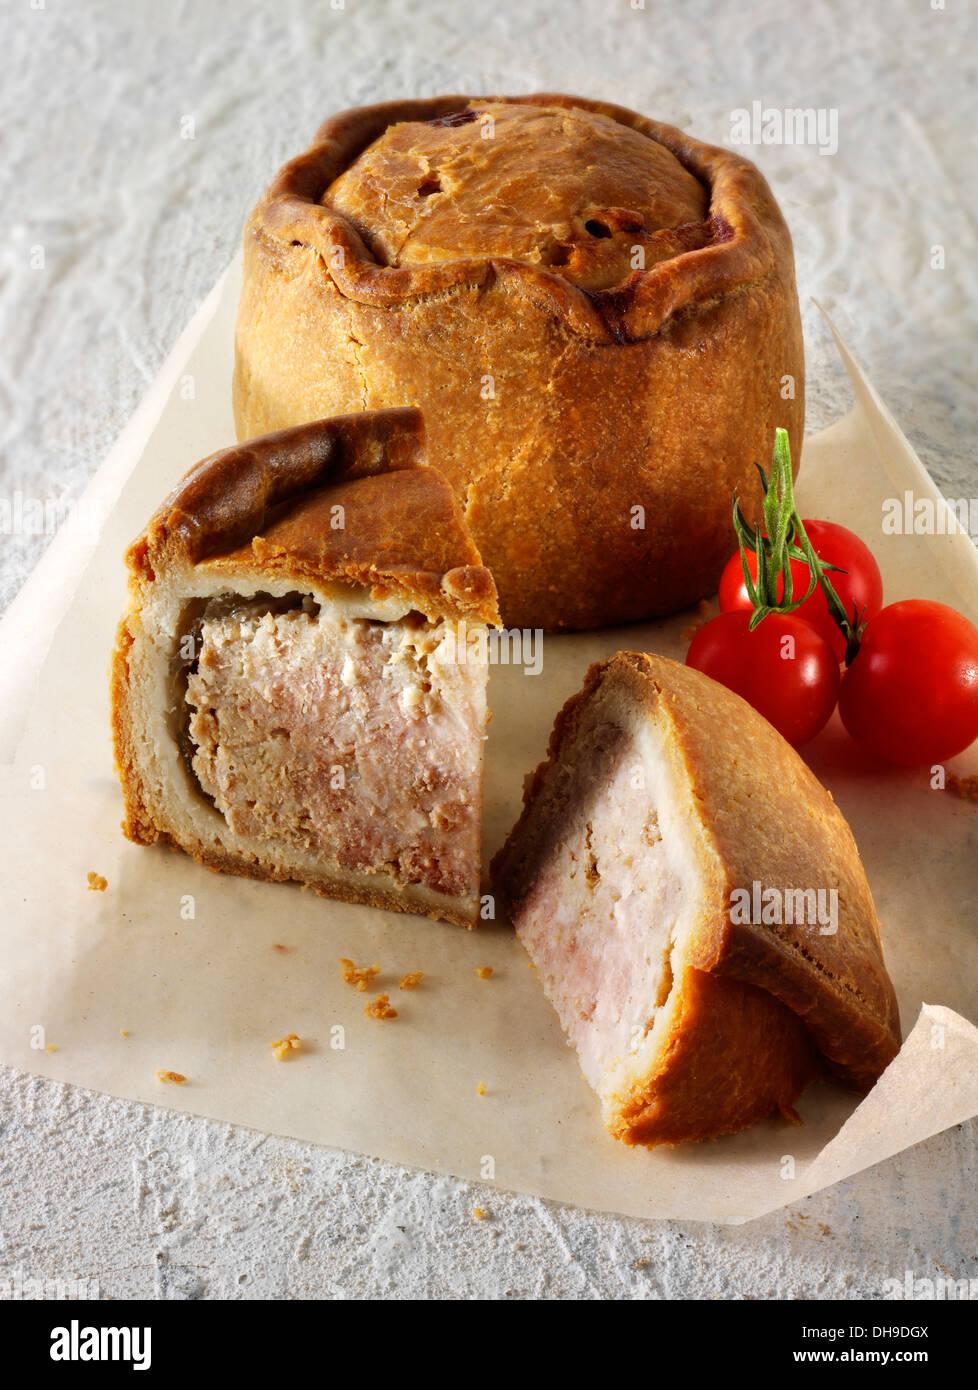 Mowbreay Melton pork pie Photo Stock